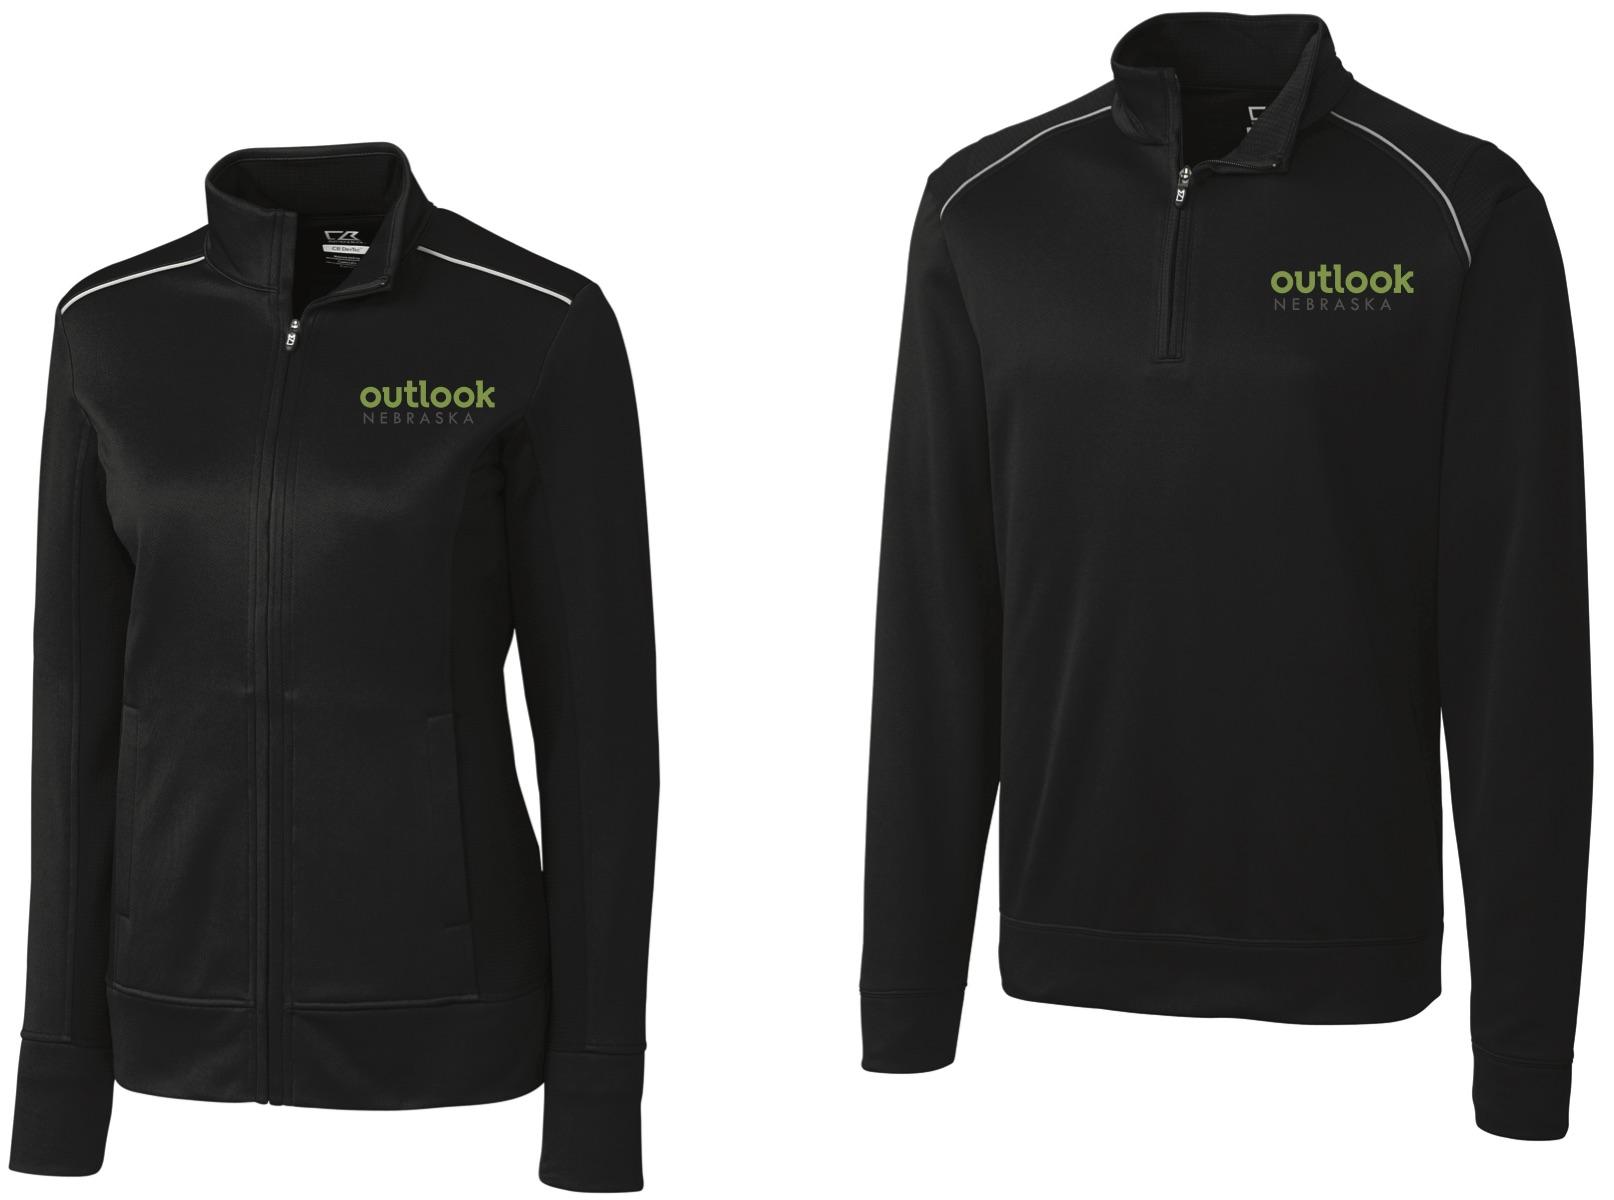 outlook apparel for website.jpg